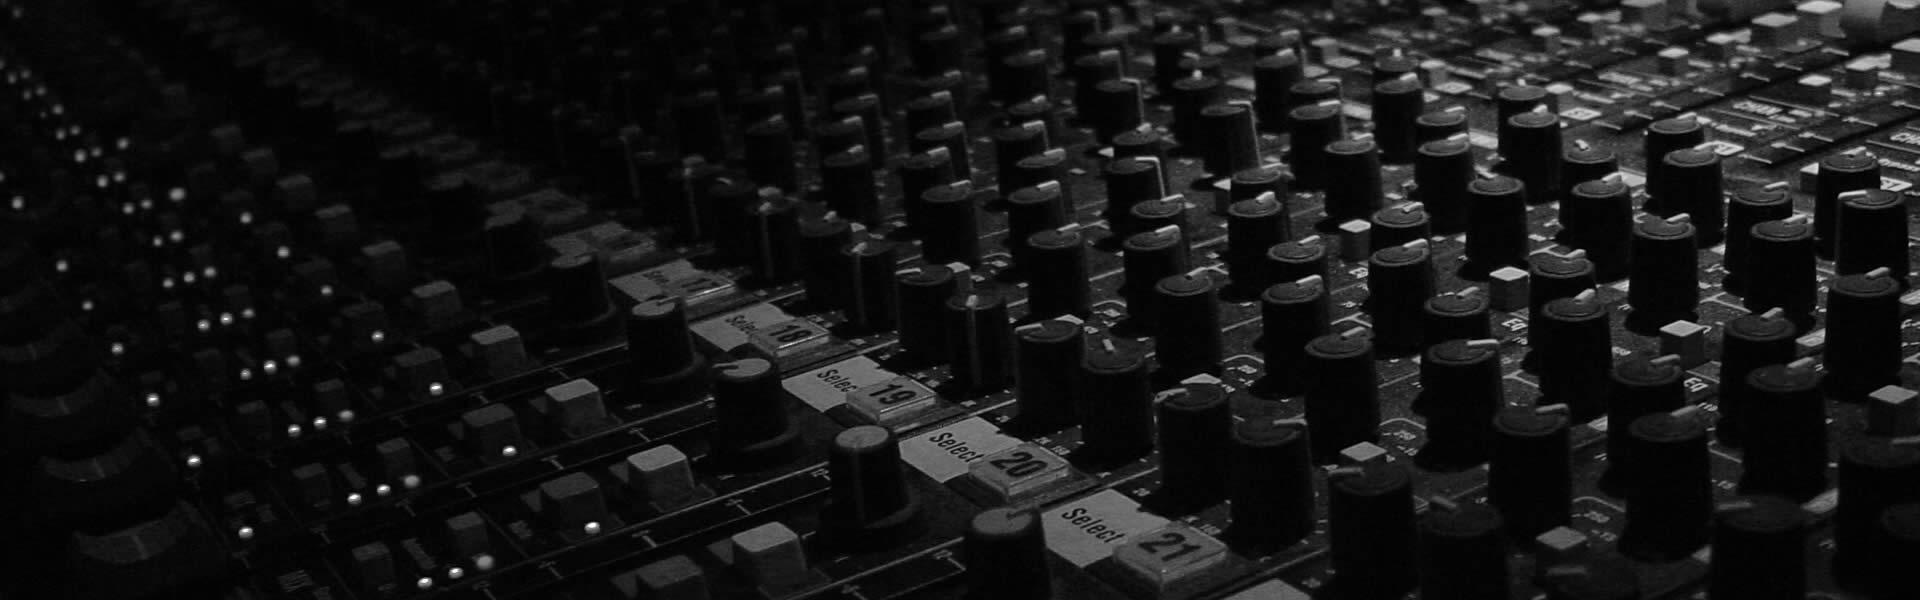 Cool Recording Studio Wallpapers - WallpaperSafari